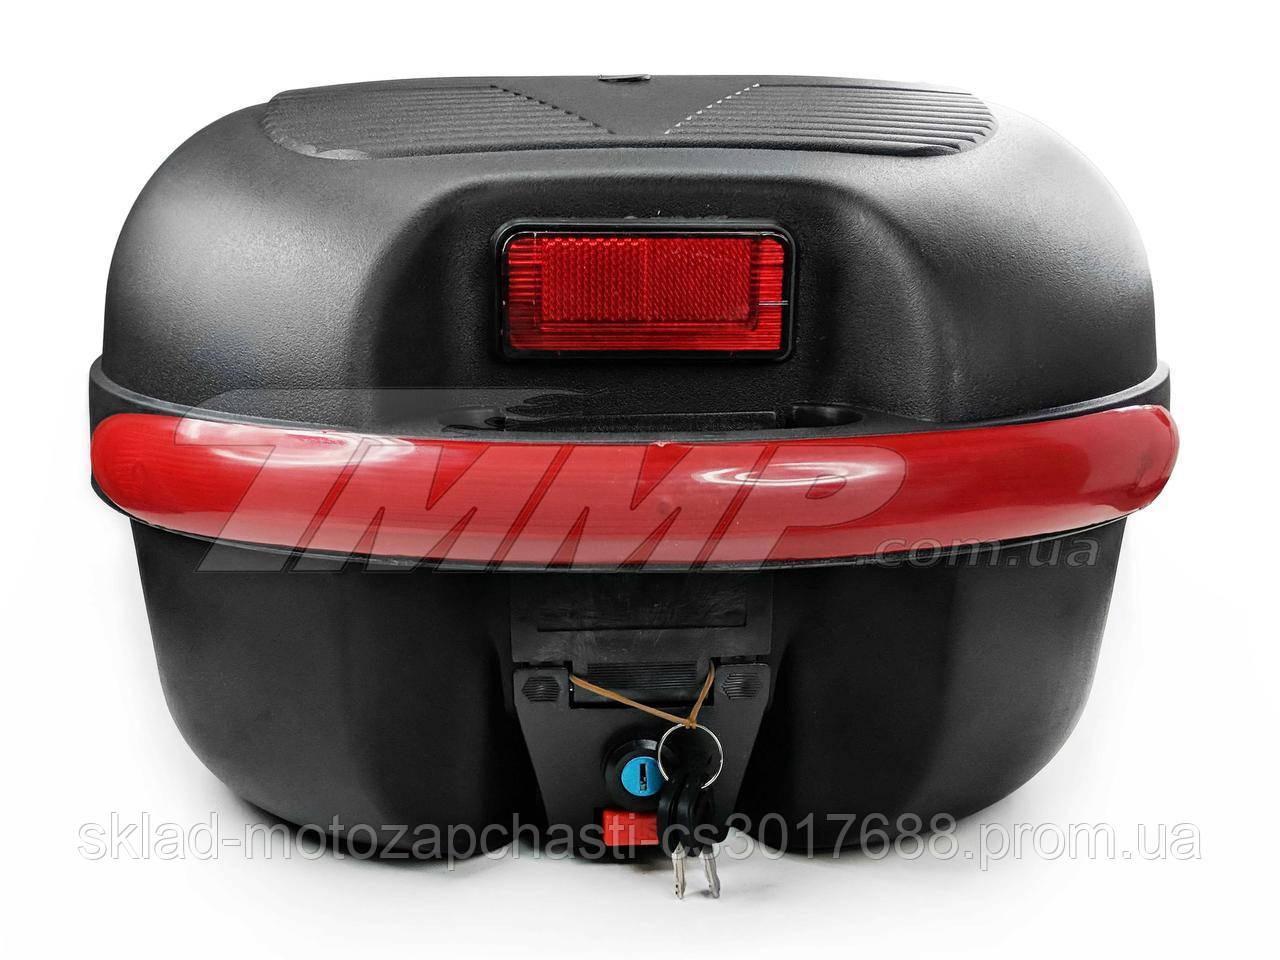 Кофр для скутера мопеда мотоцикла капронову великий (38,5*34*26см) плюс шолом